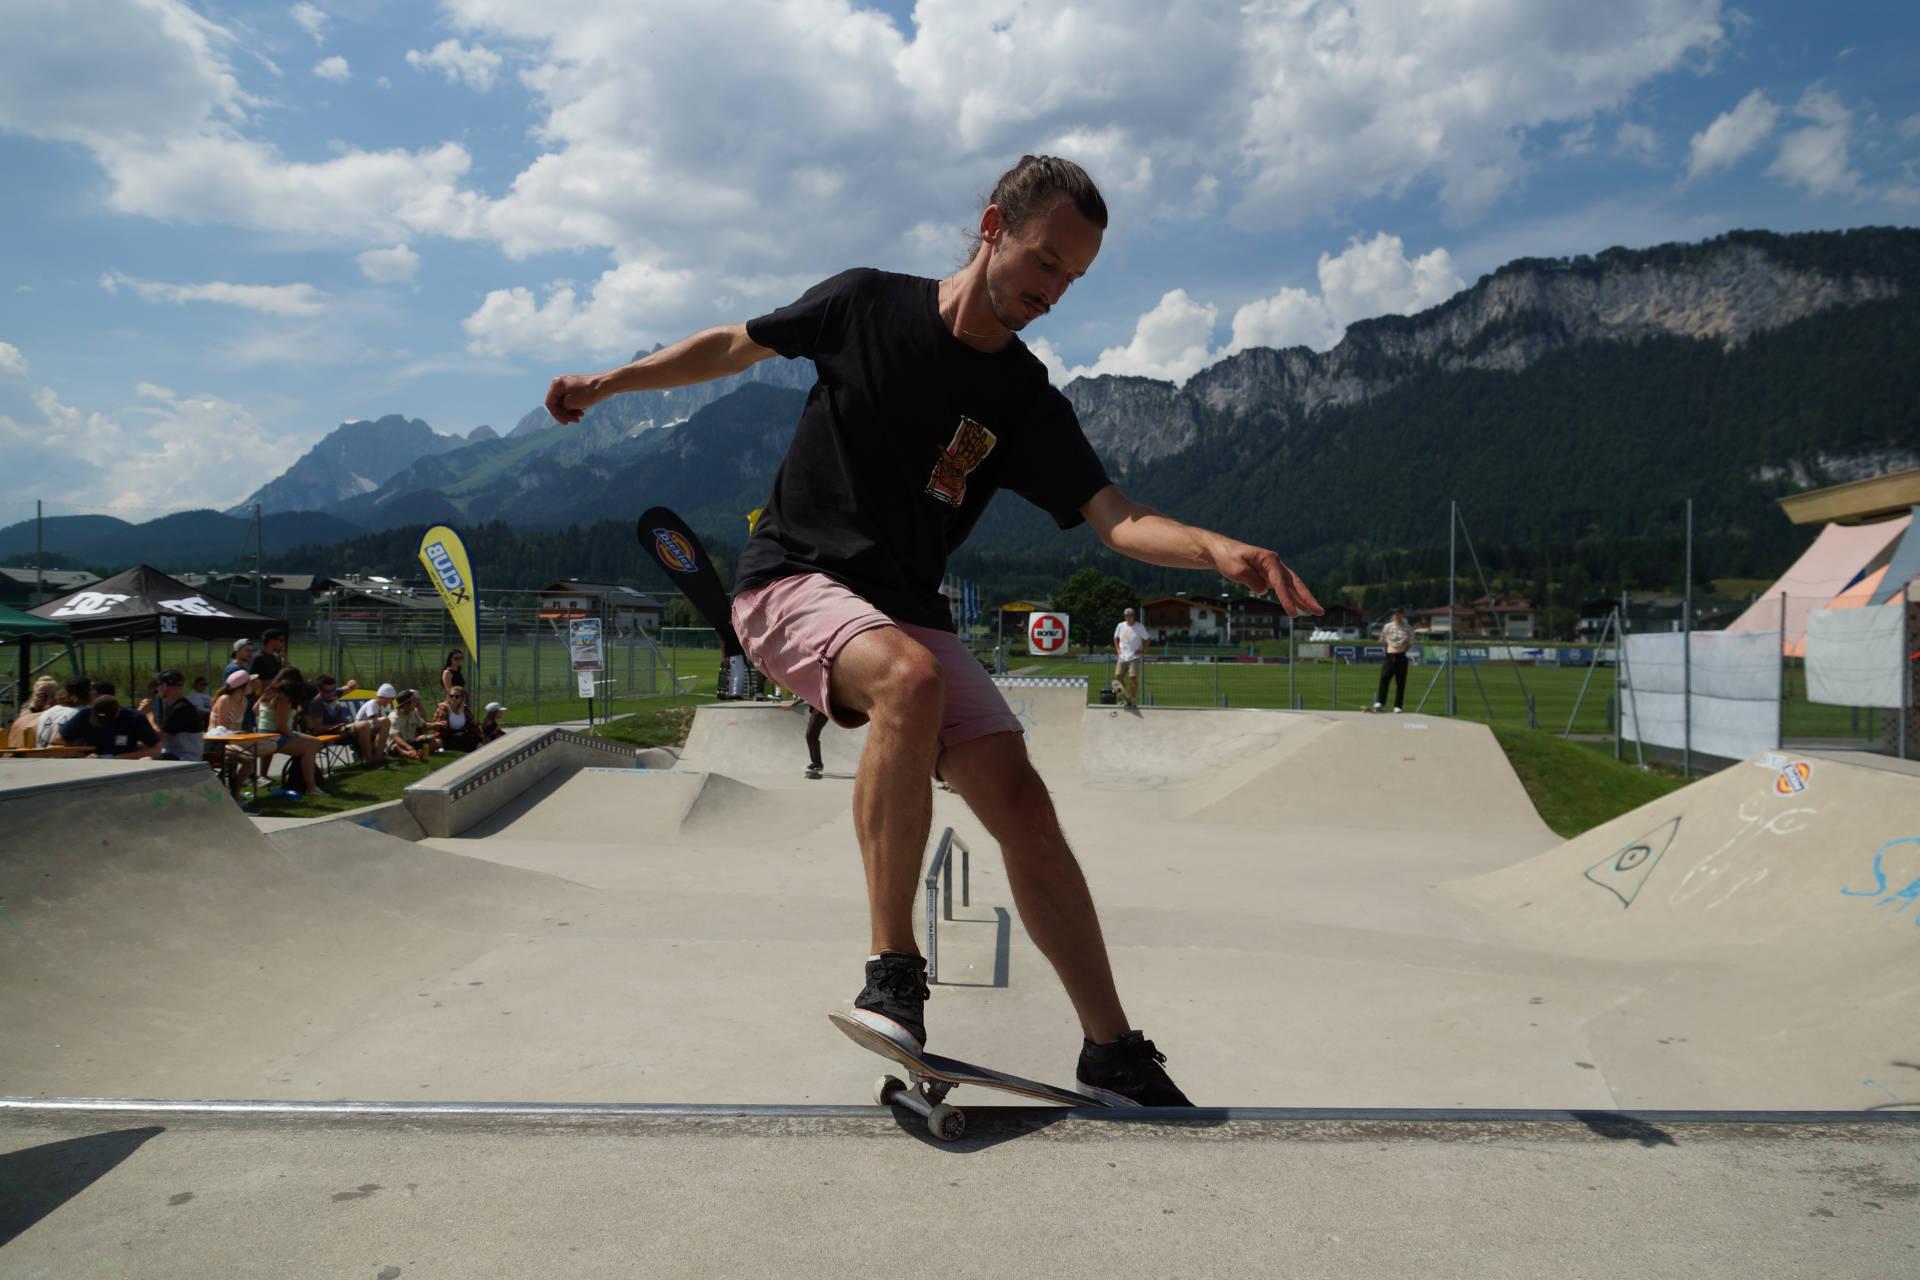 skateboardheadz st johann in tirol kgt 2019 finale 00020